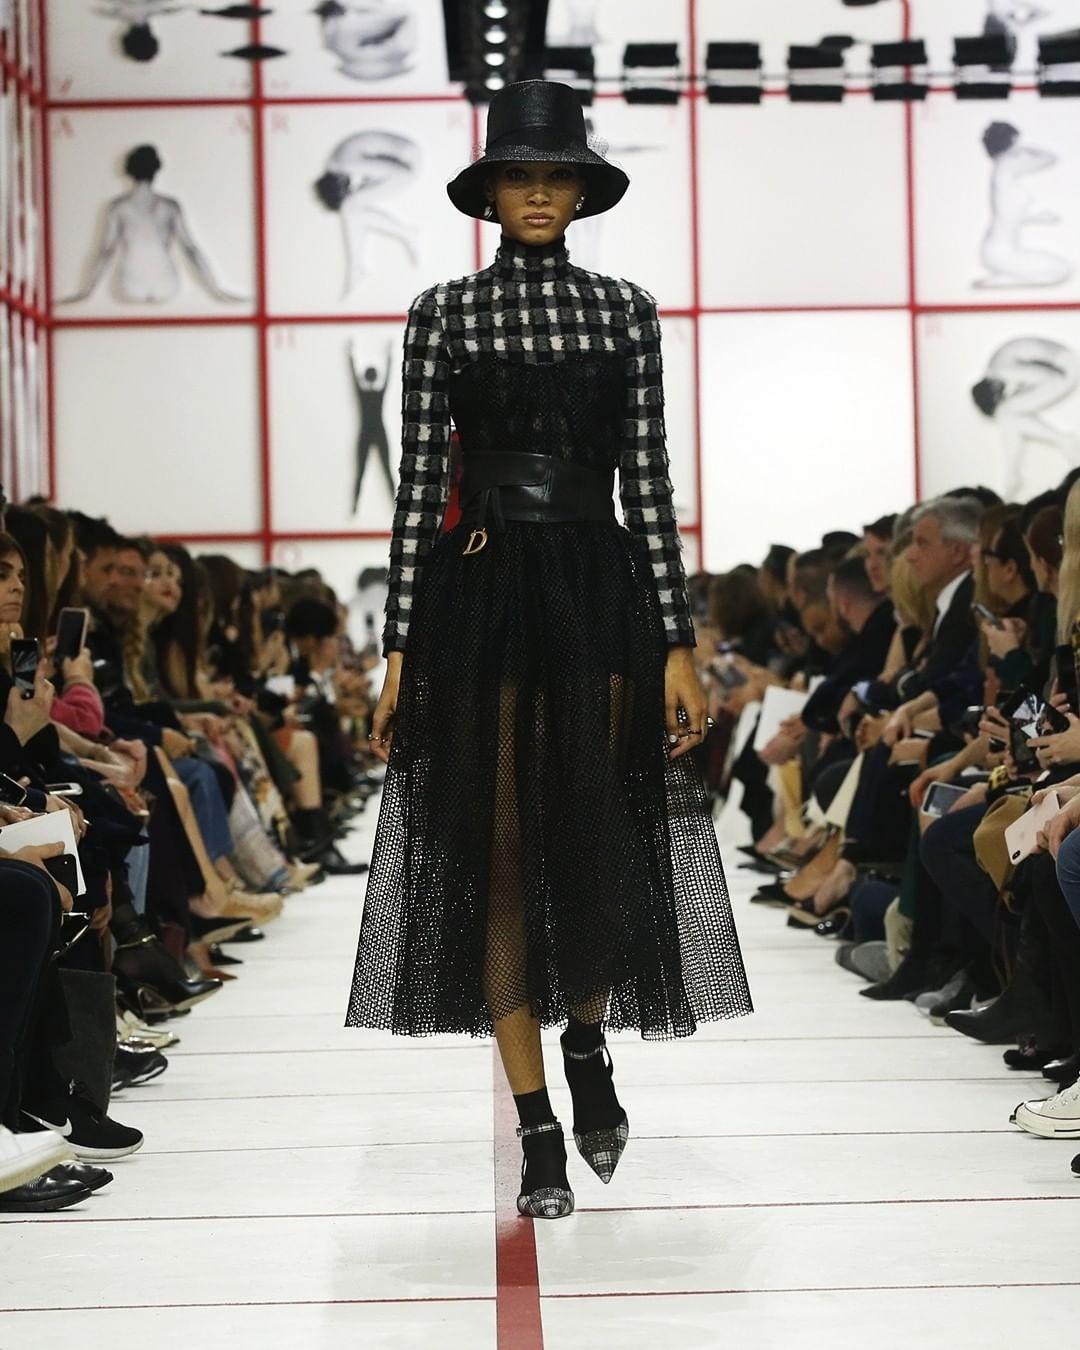 Мы часто можем видеть сочетание тюля  и вещей, в которых нет и ноты женственности. Особенно такие комбинации полюбила Мария Грация Кьюри, когда заняла пост креативного директора в Dior.